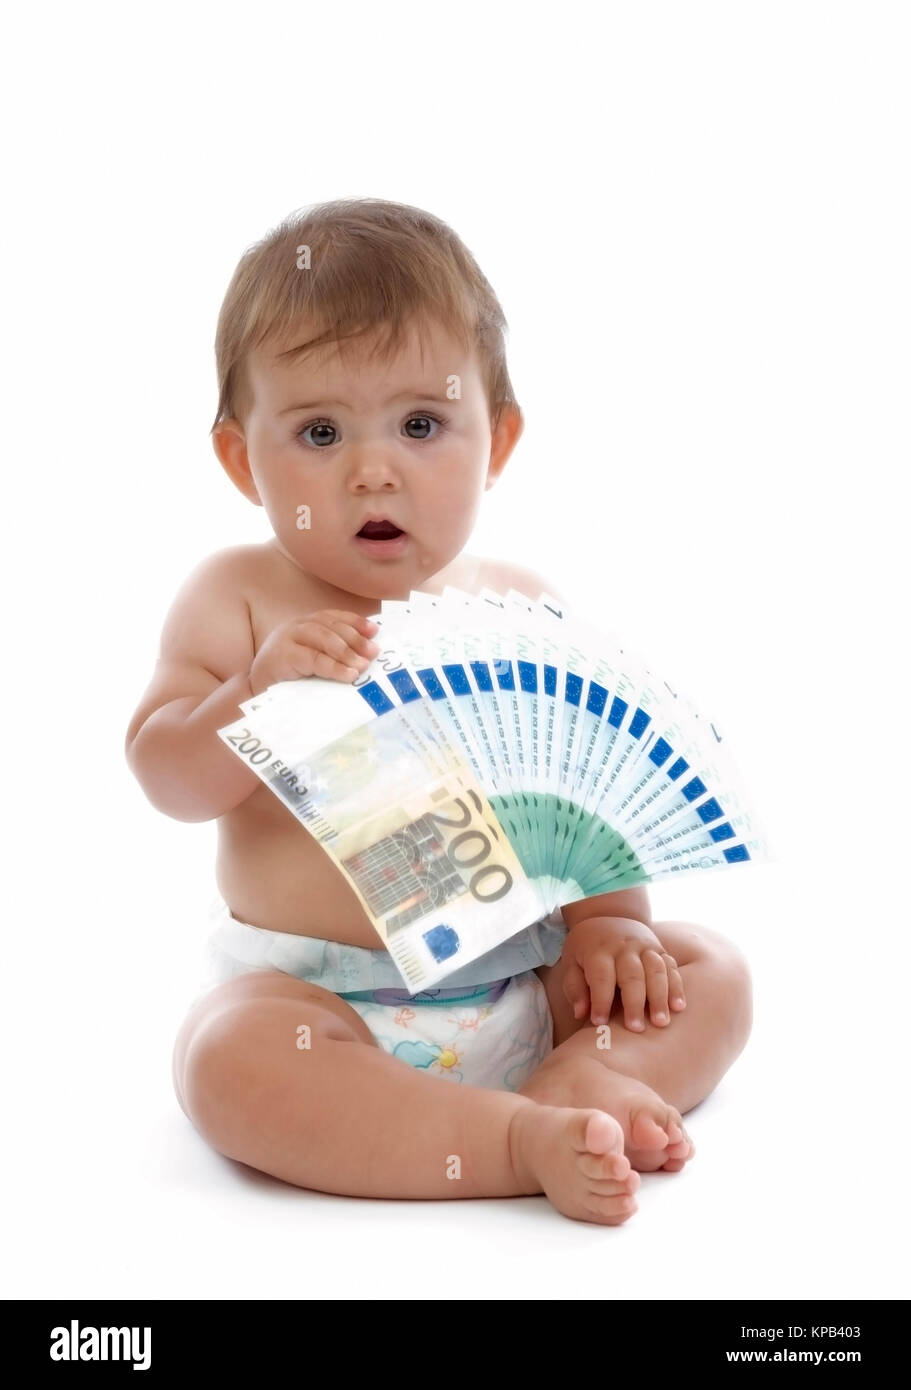 Modello di rilascio, Kleinkind mit Geldscheinen, Symbolbild Kindergeld - bambino con il denaro Immagini Stock